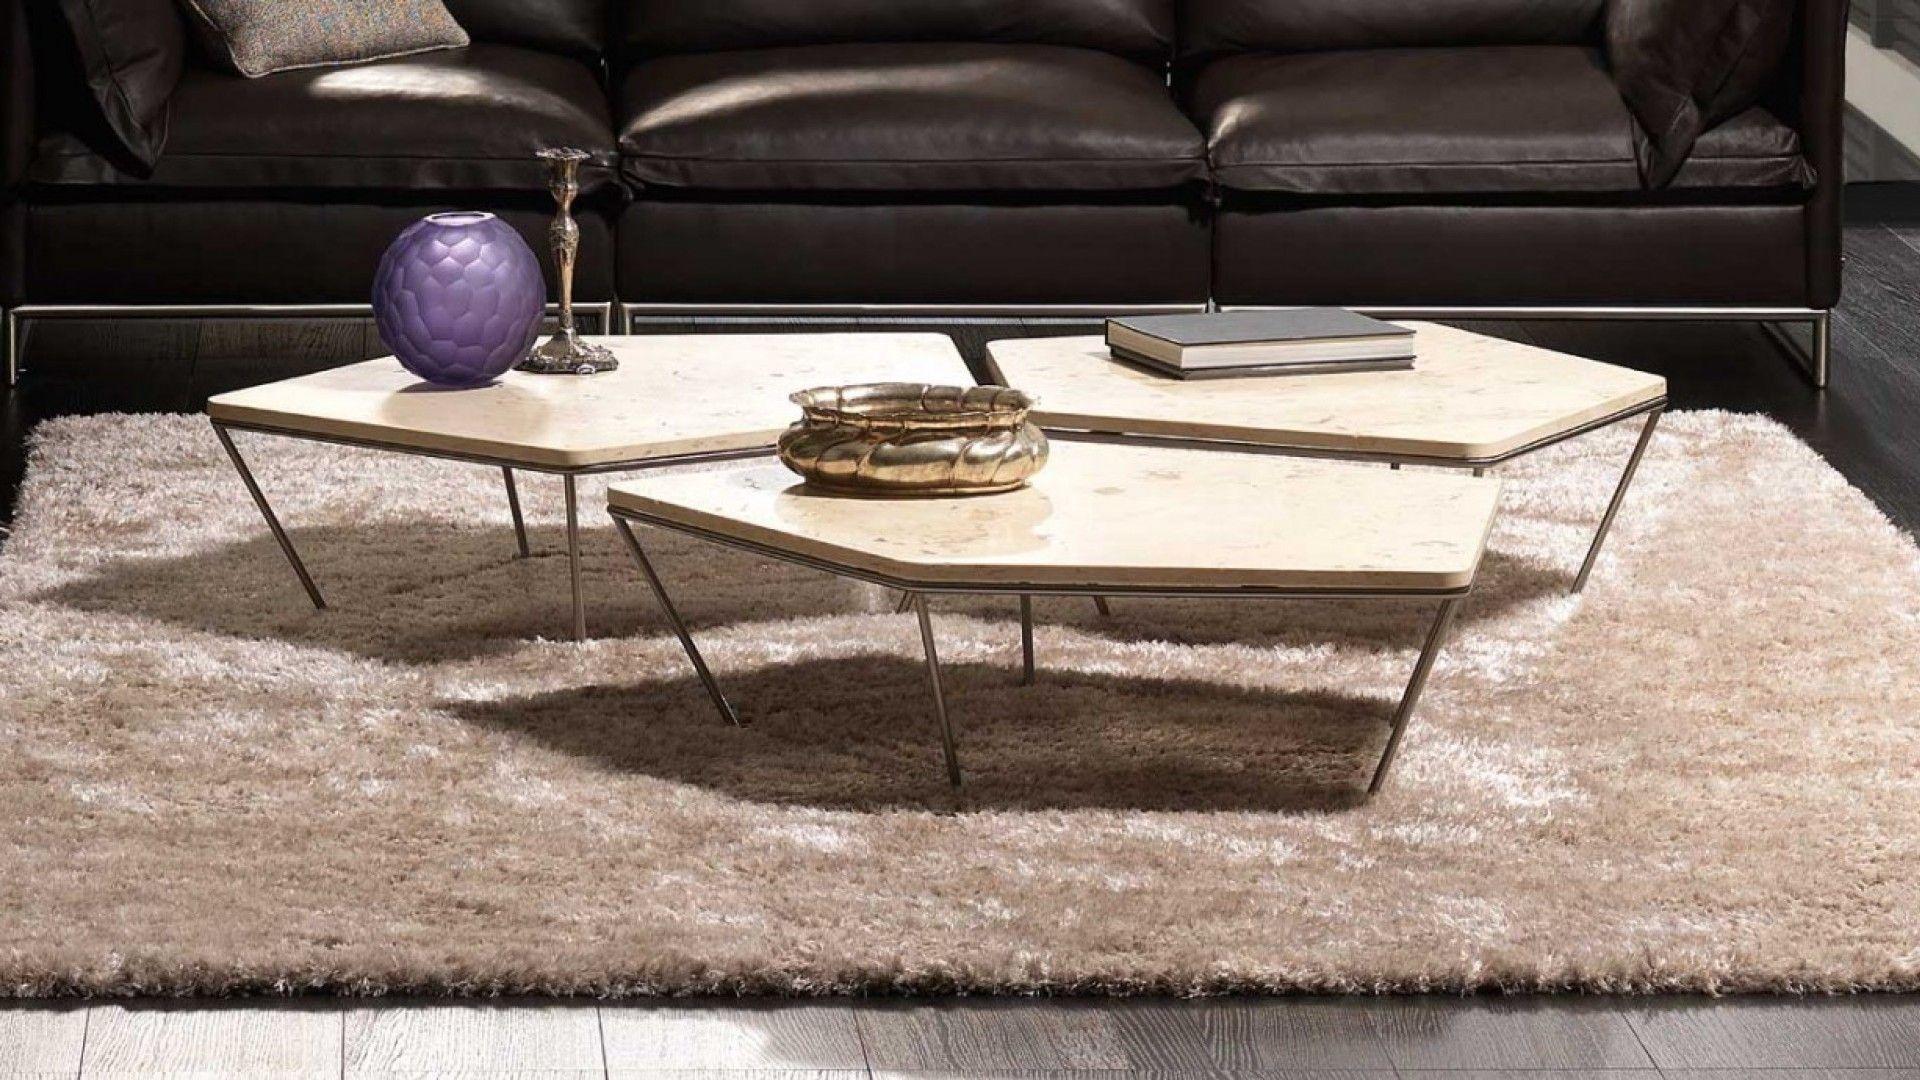 0d62cc56e7d2168a2945fb63c64e46e8 Impressionnant De Table Basse Salon Design Schème